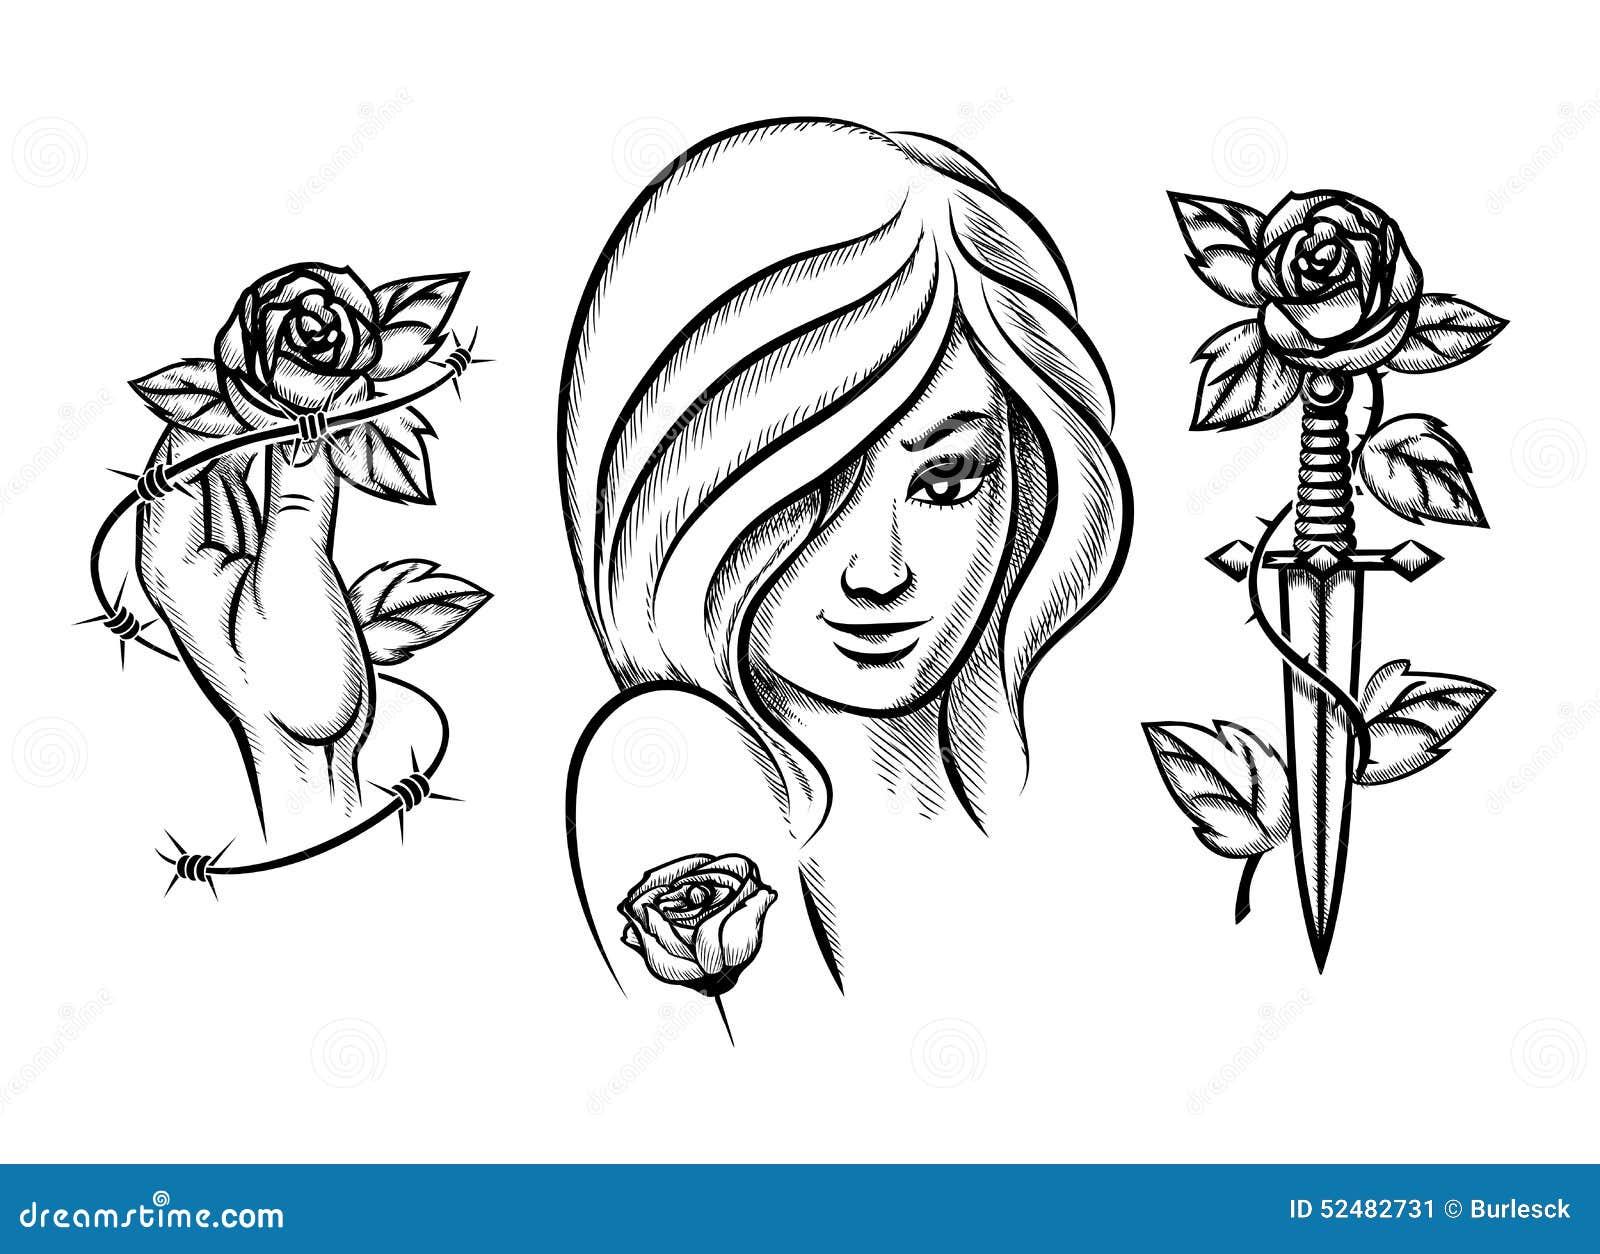 Tatouages Fille De Beaut 233 Couteau Rose Et Barbel 233 Illustration De Vecteur Image 52482731